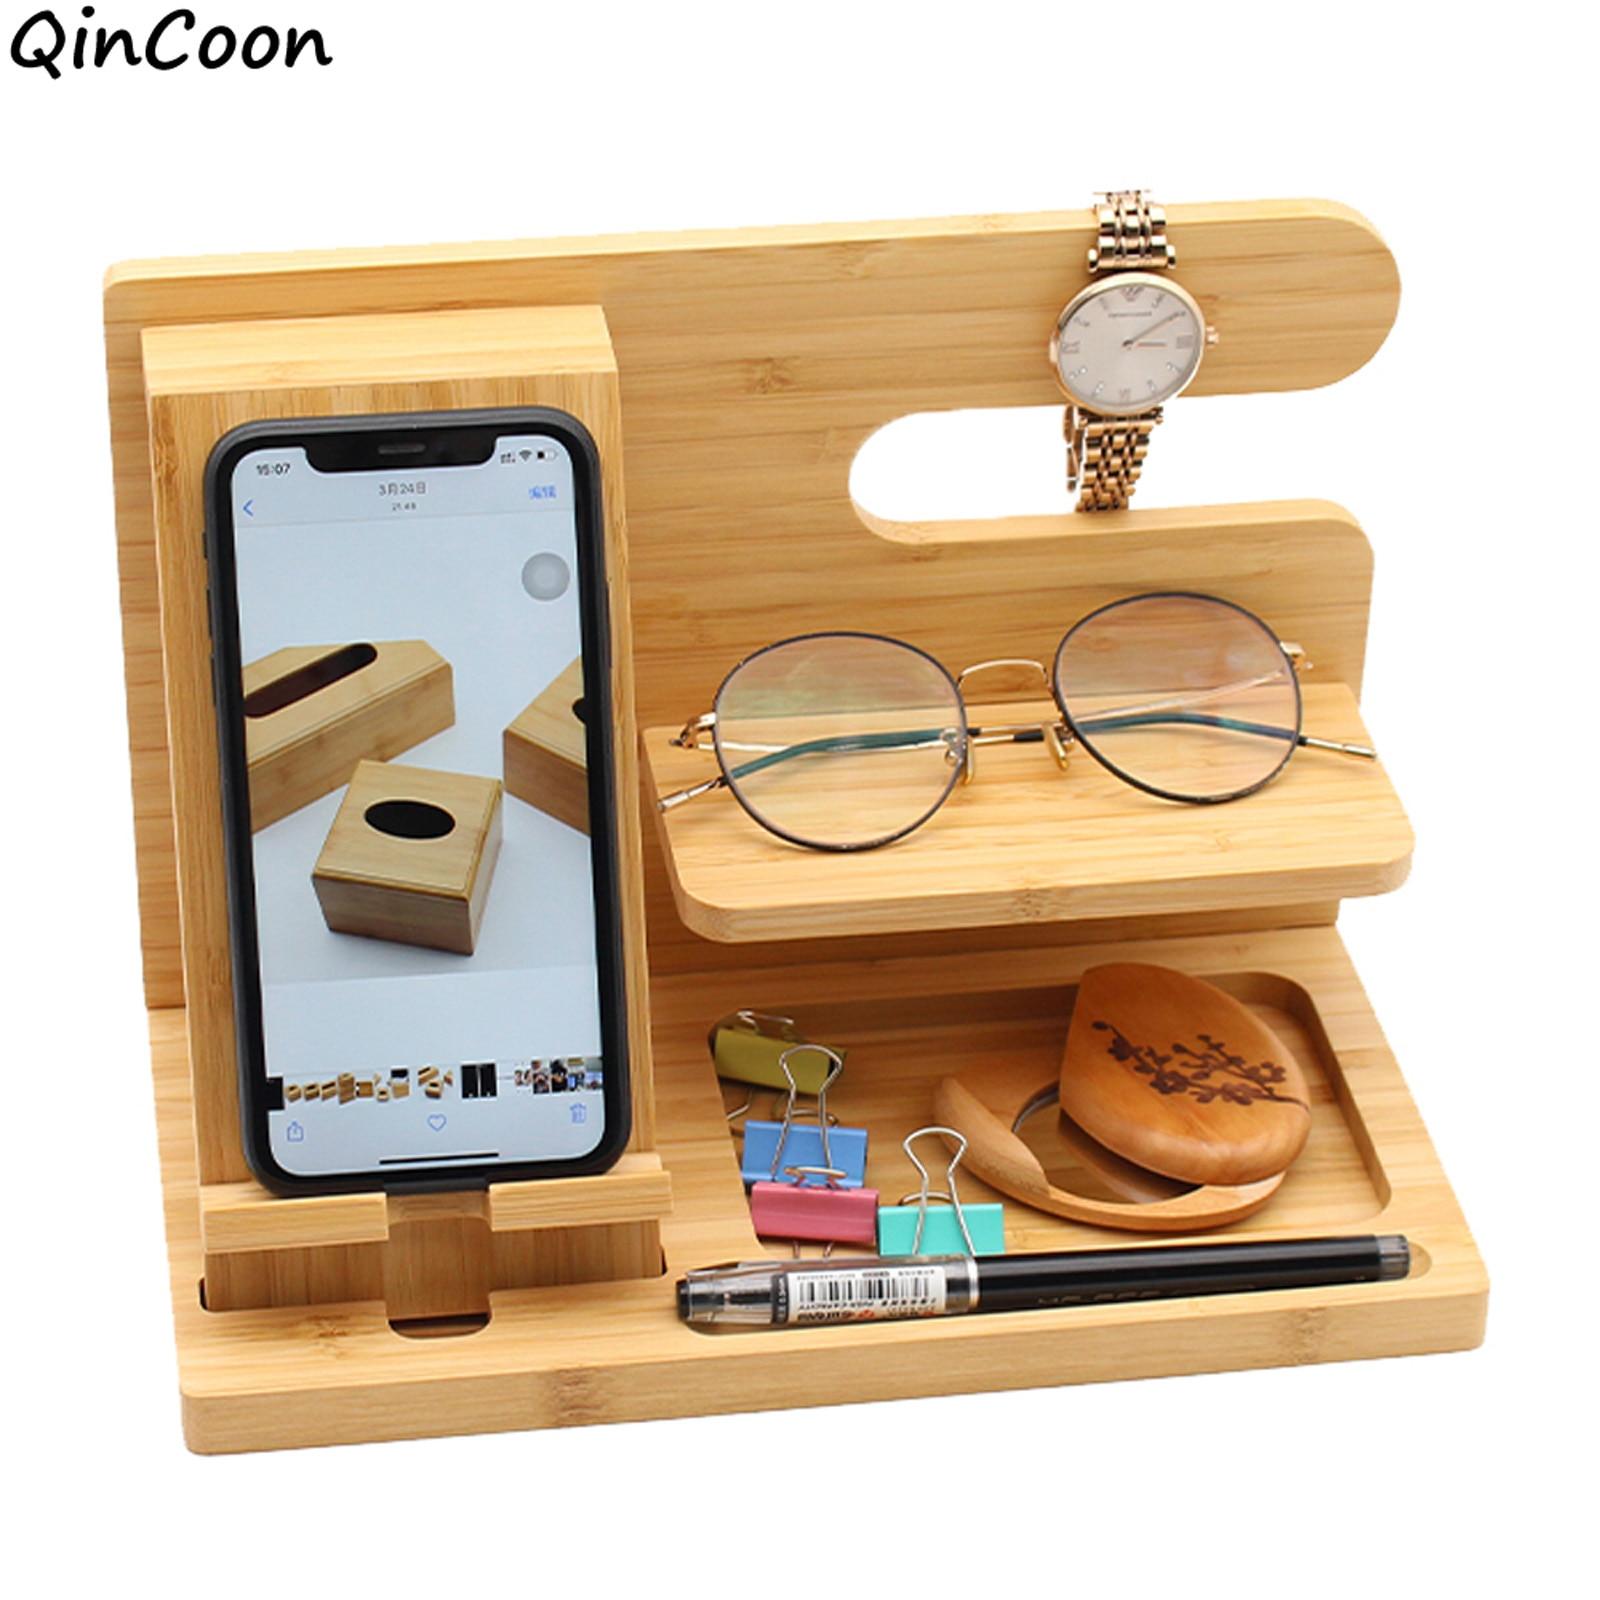 Многофункциональная деревянная подставка для телефона, Стыковочная станция из натурального бамбука/сосны для смартфона, крючки, держатель для ключей и часов, органайзер для хранения